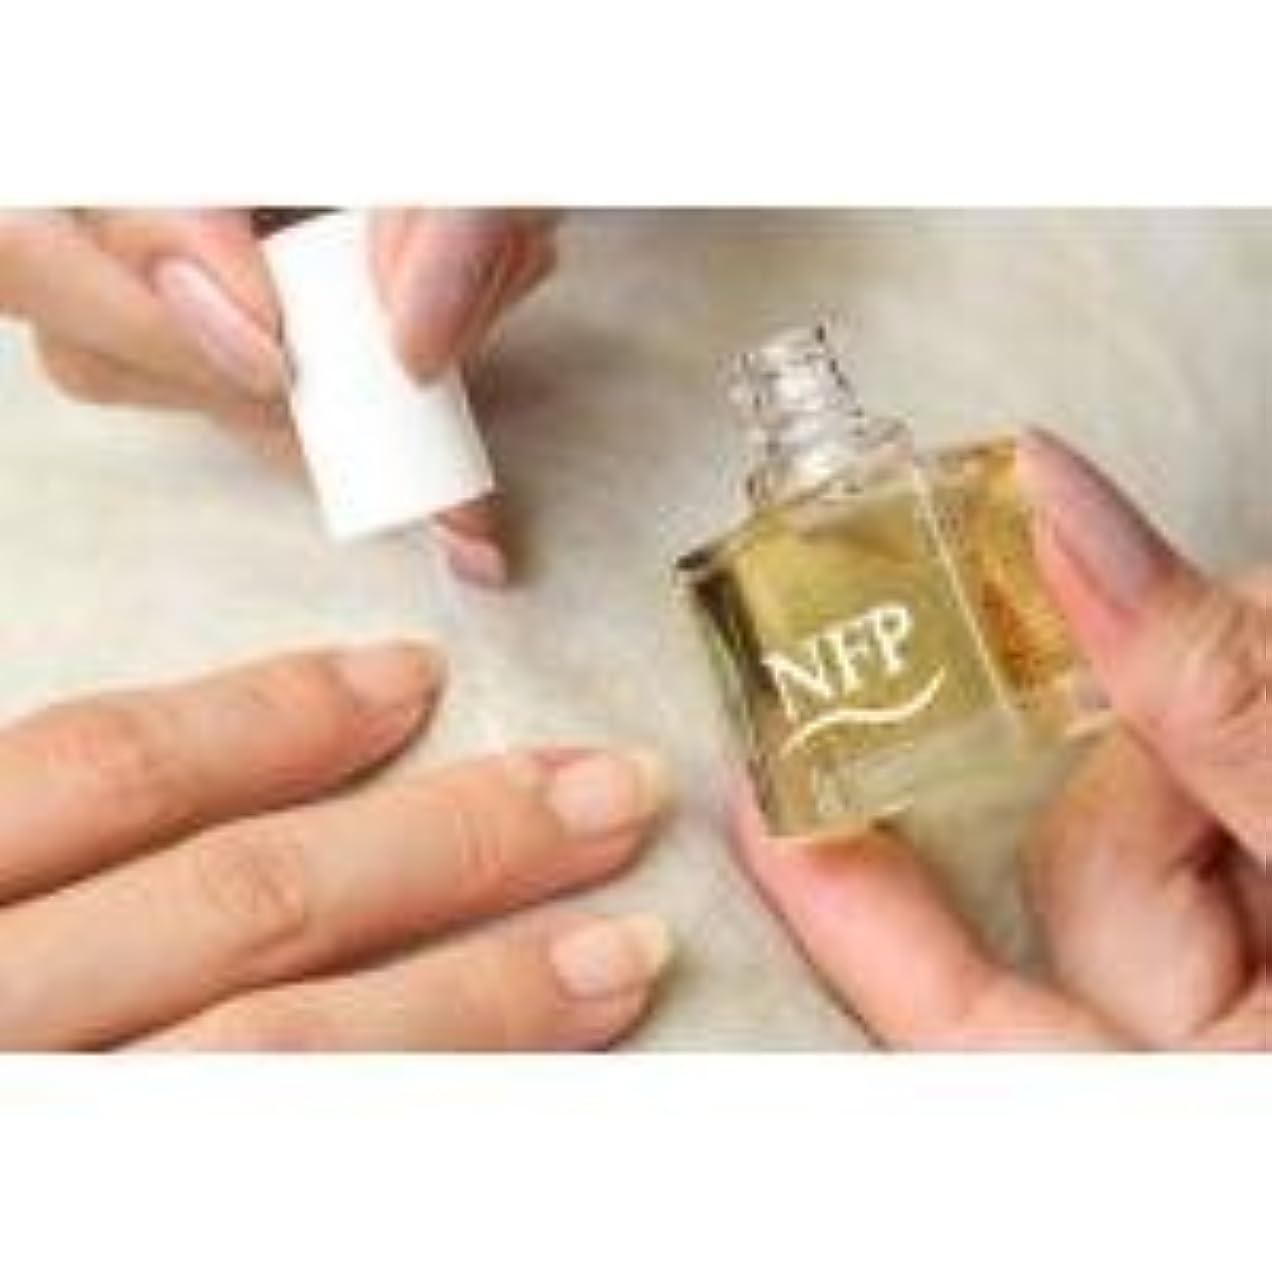 ベアリングサークル発火する論争的NFP+キューティクルオイル夜用(甘皮の栄養剤)